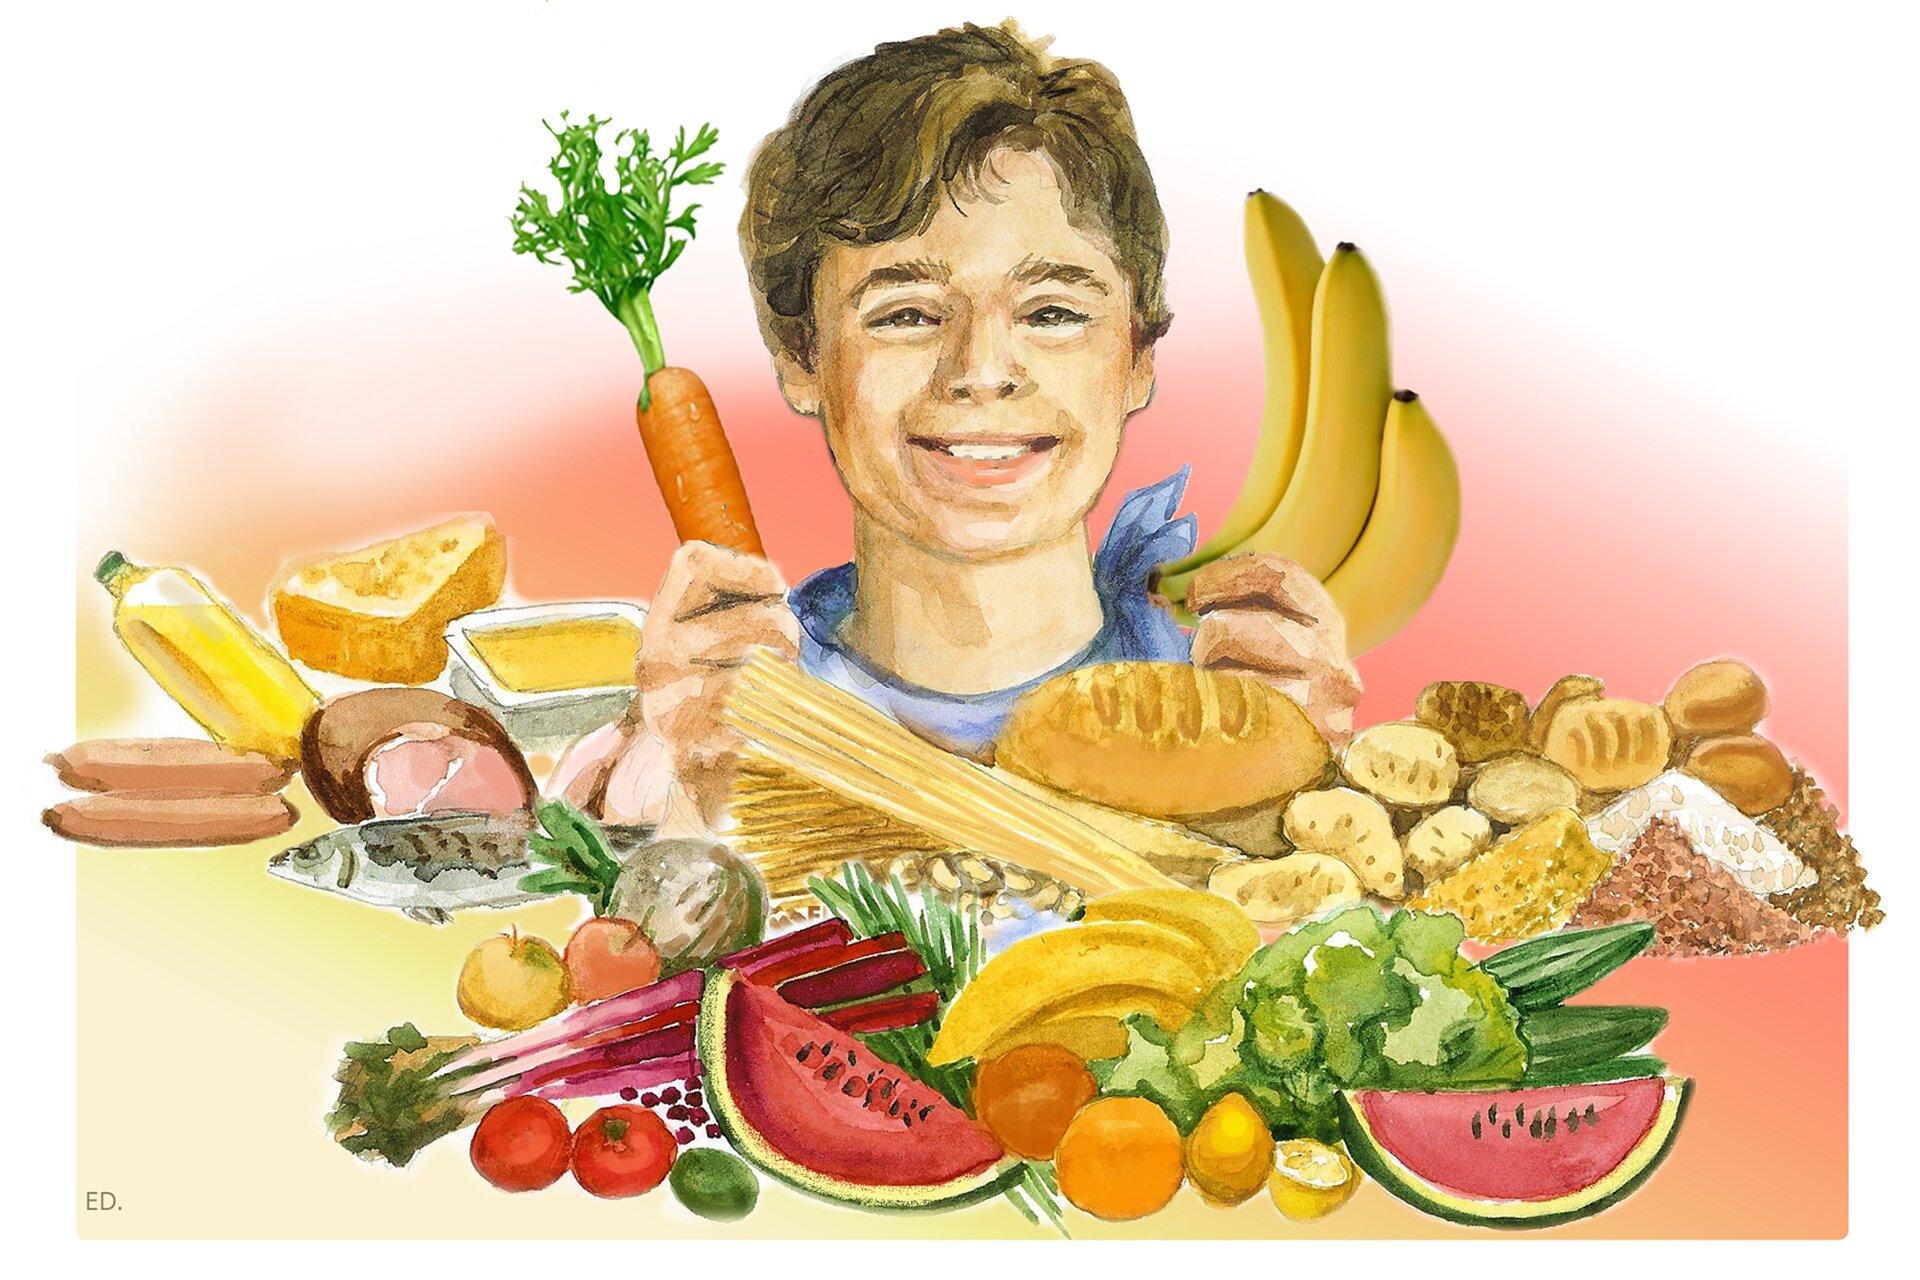 Ilustracja przedstawiająca chłopca prezentującego zdrową żywność